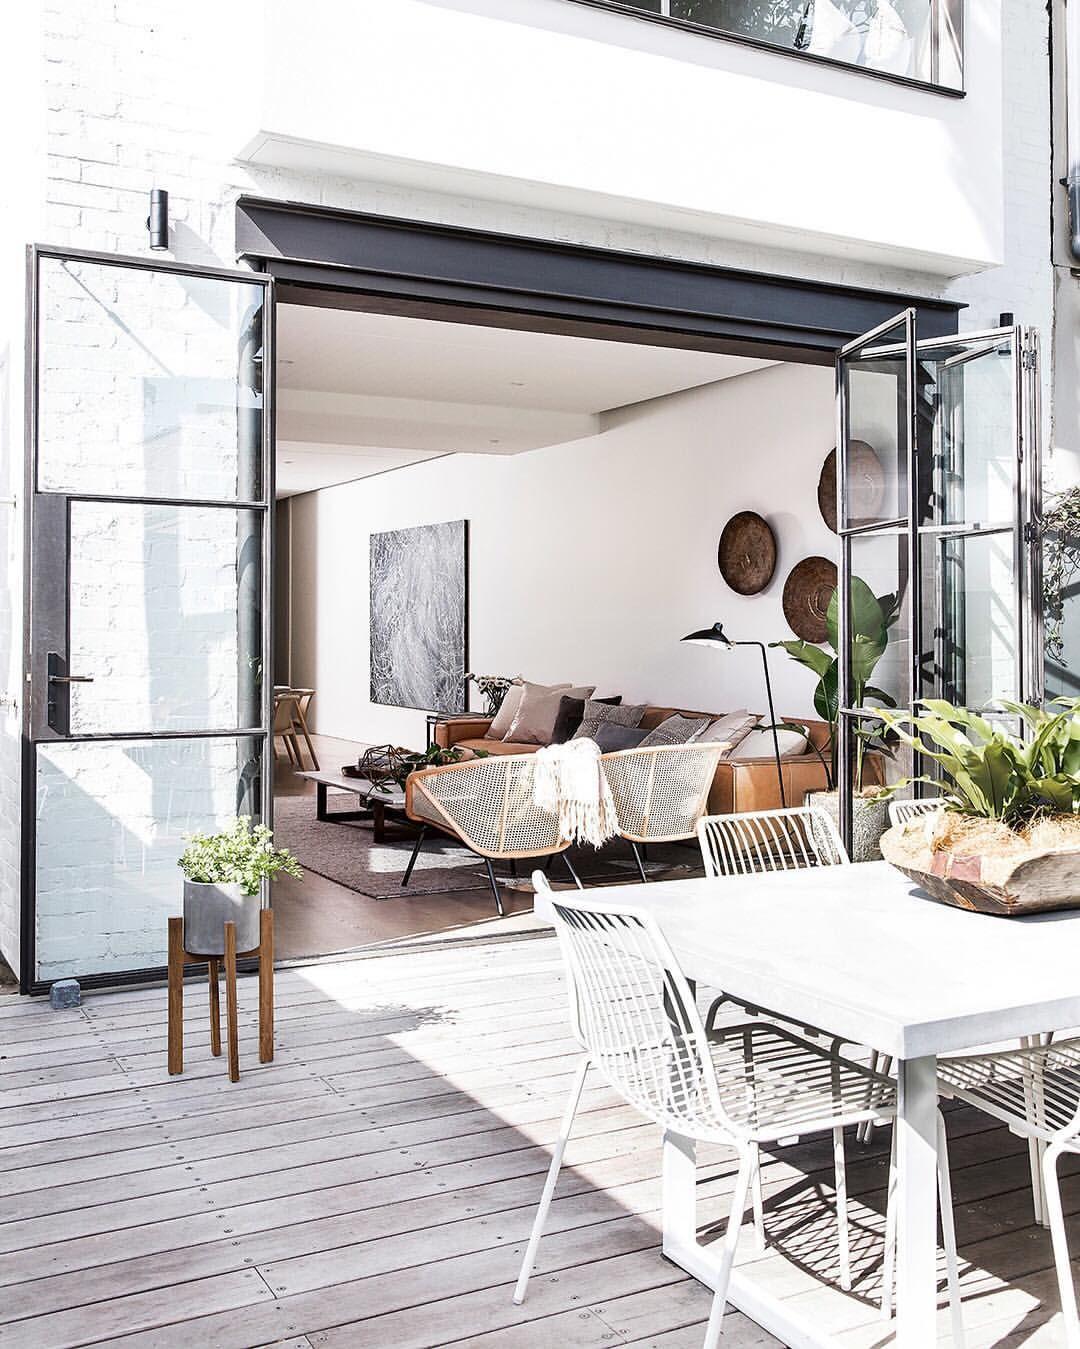 Aussen Hauswand Deko Genial Vedi La Foto Di Instagram Di Insideoutmag • Piace A 3 487